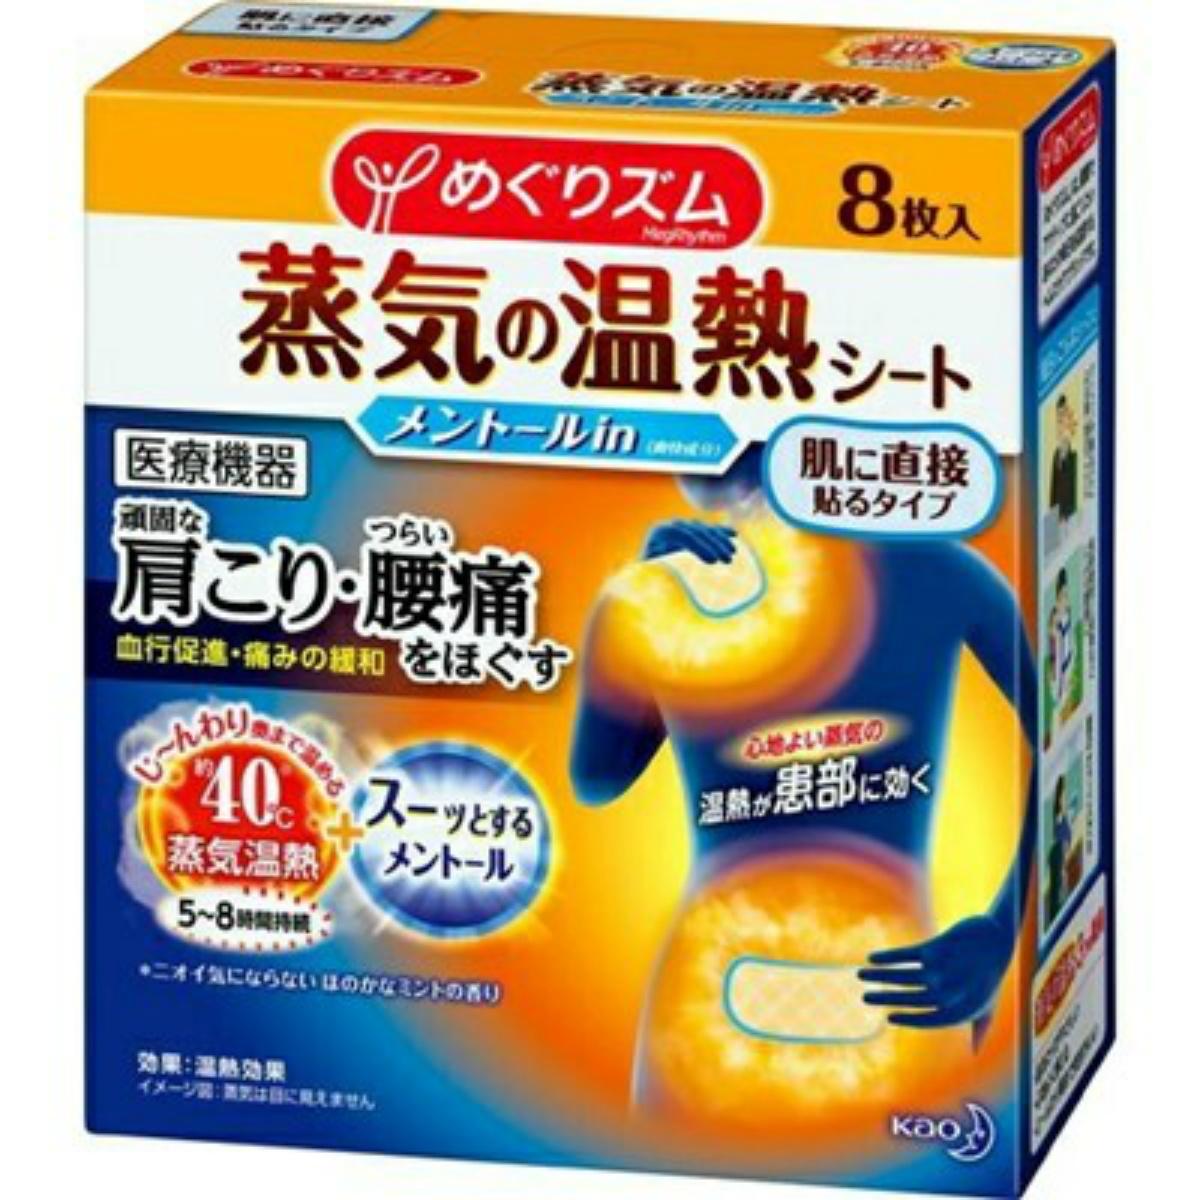 【送料無料・まとめ買い24個セット】花王 めぐりズム 蒸気の温熱シート メントールin 8枚入